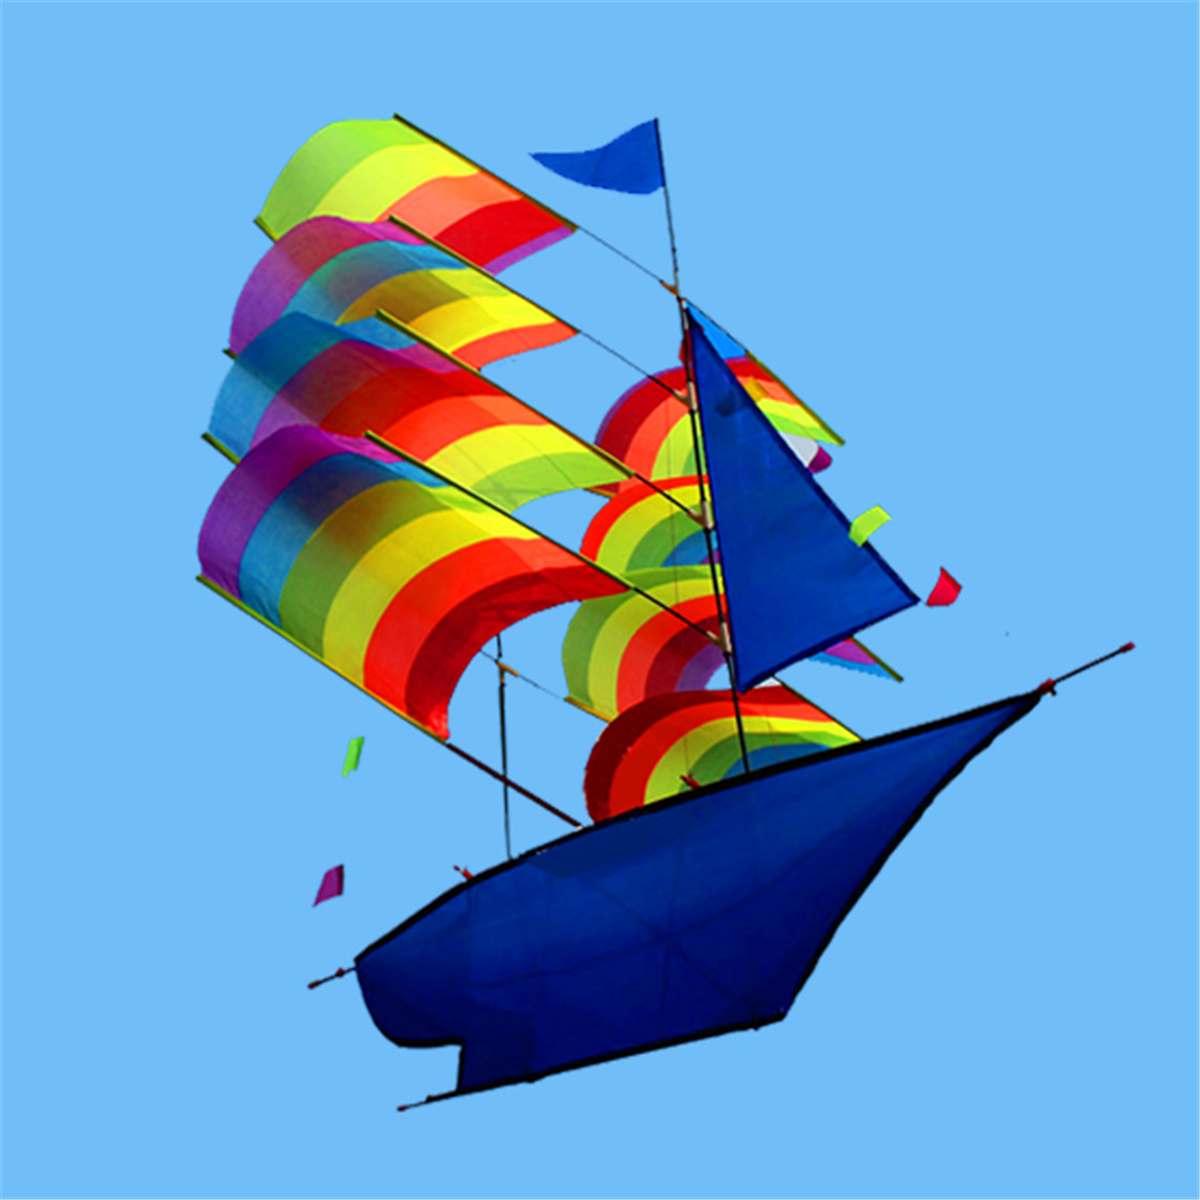 3D arc-en-ciel voilier volant cerf-volant grand extérieur amusant sport jouets enfants enfants jeu activité enfants cadeaux coloré bateau cerfs-volants